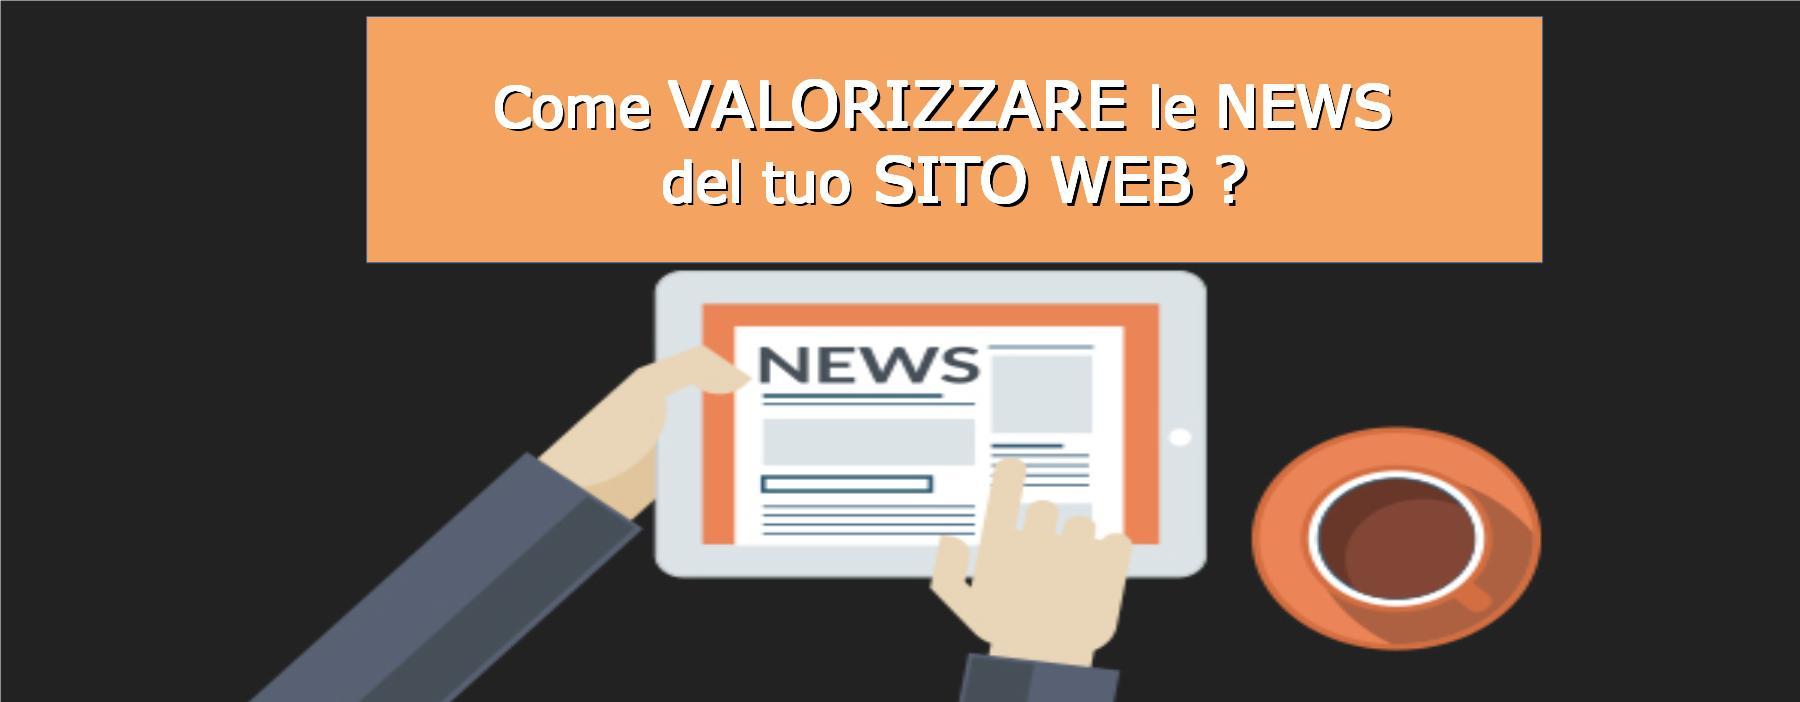 valorizzare-news-sito-web